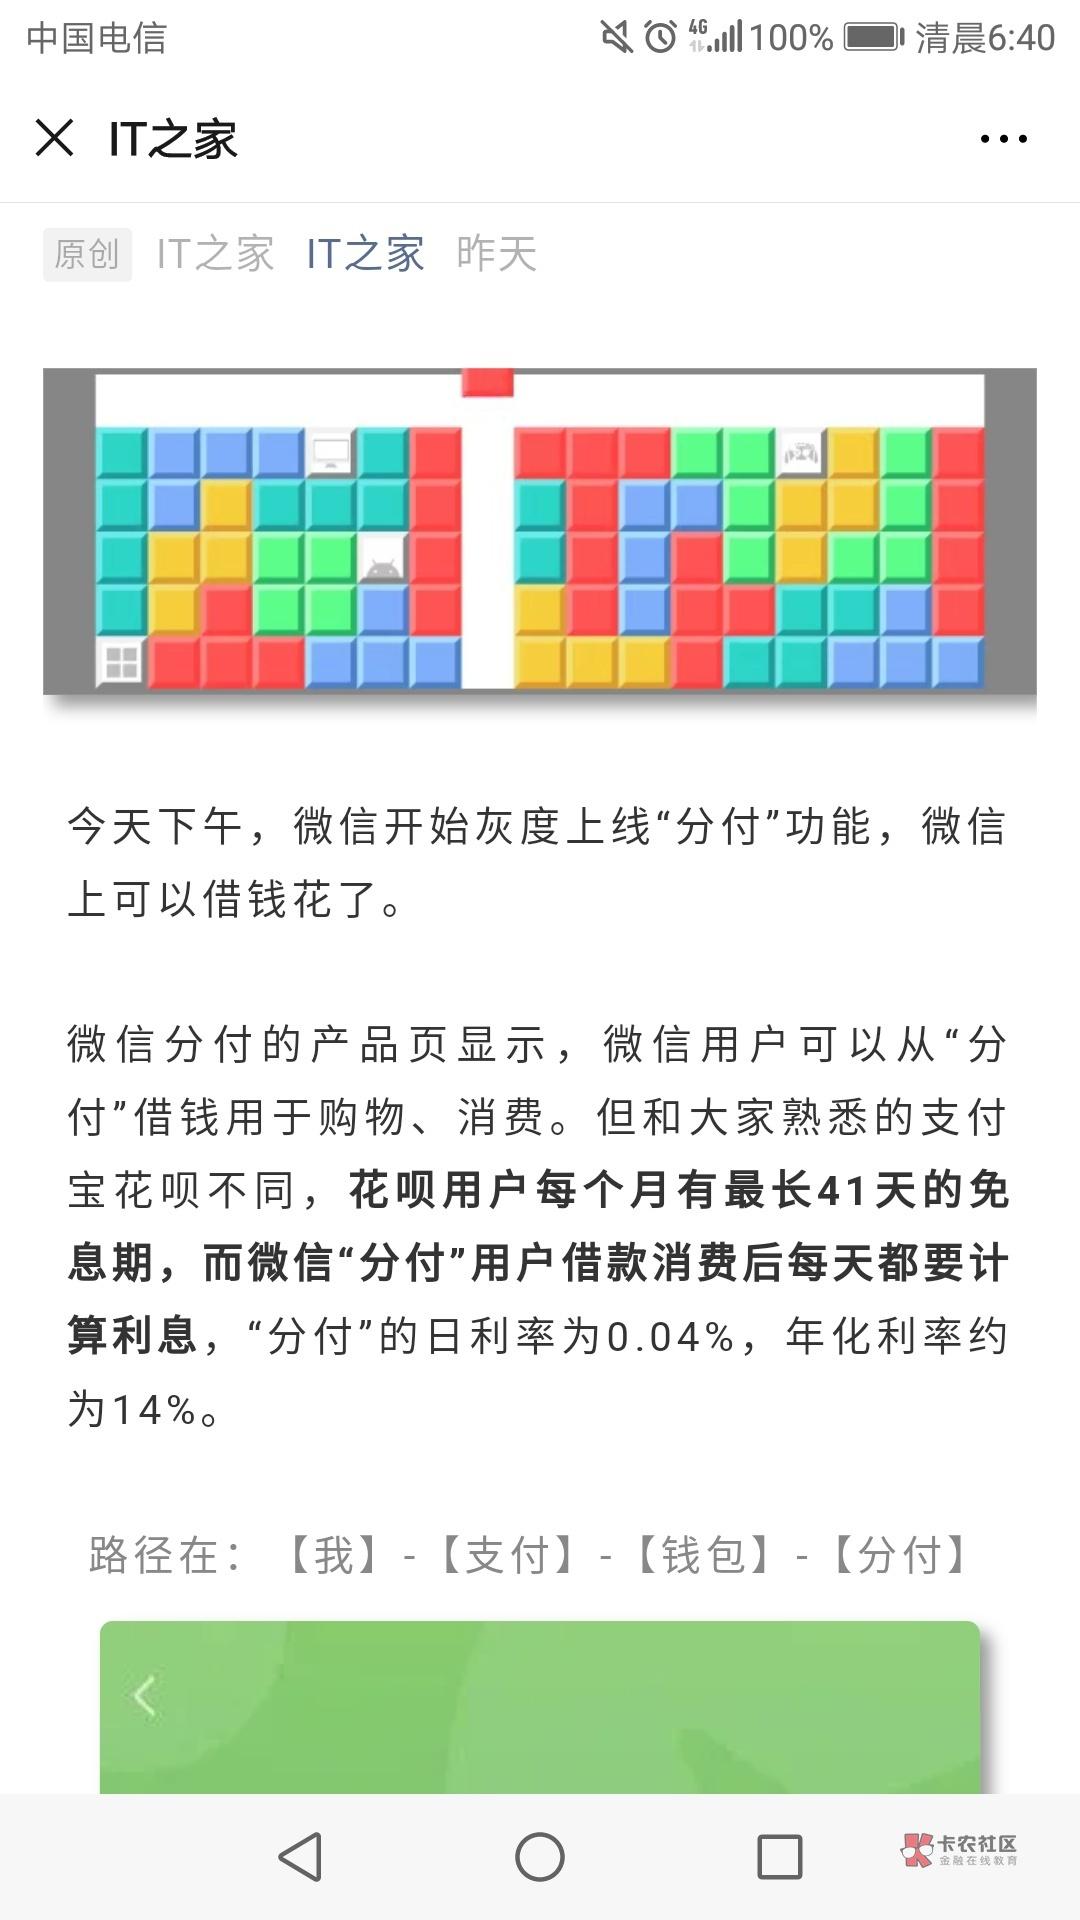 微信版花呗,昨天上线了,现在小规模试运营,以后总会逐步大规模开通的,没有也别激动9 / 作者:埃菲尔铁塔 /